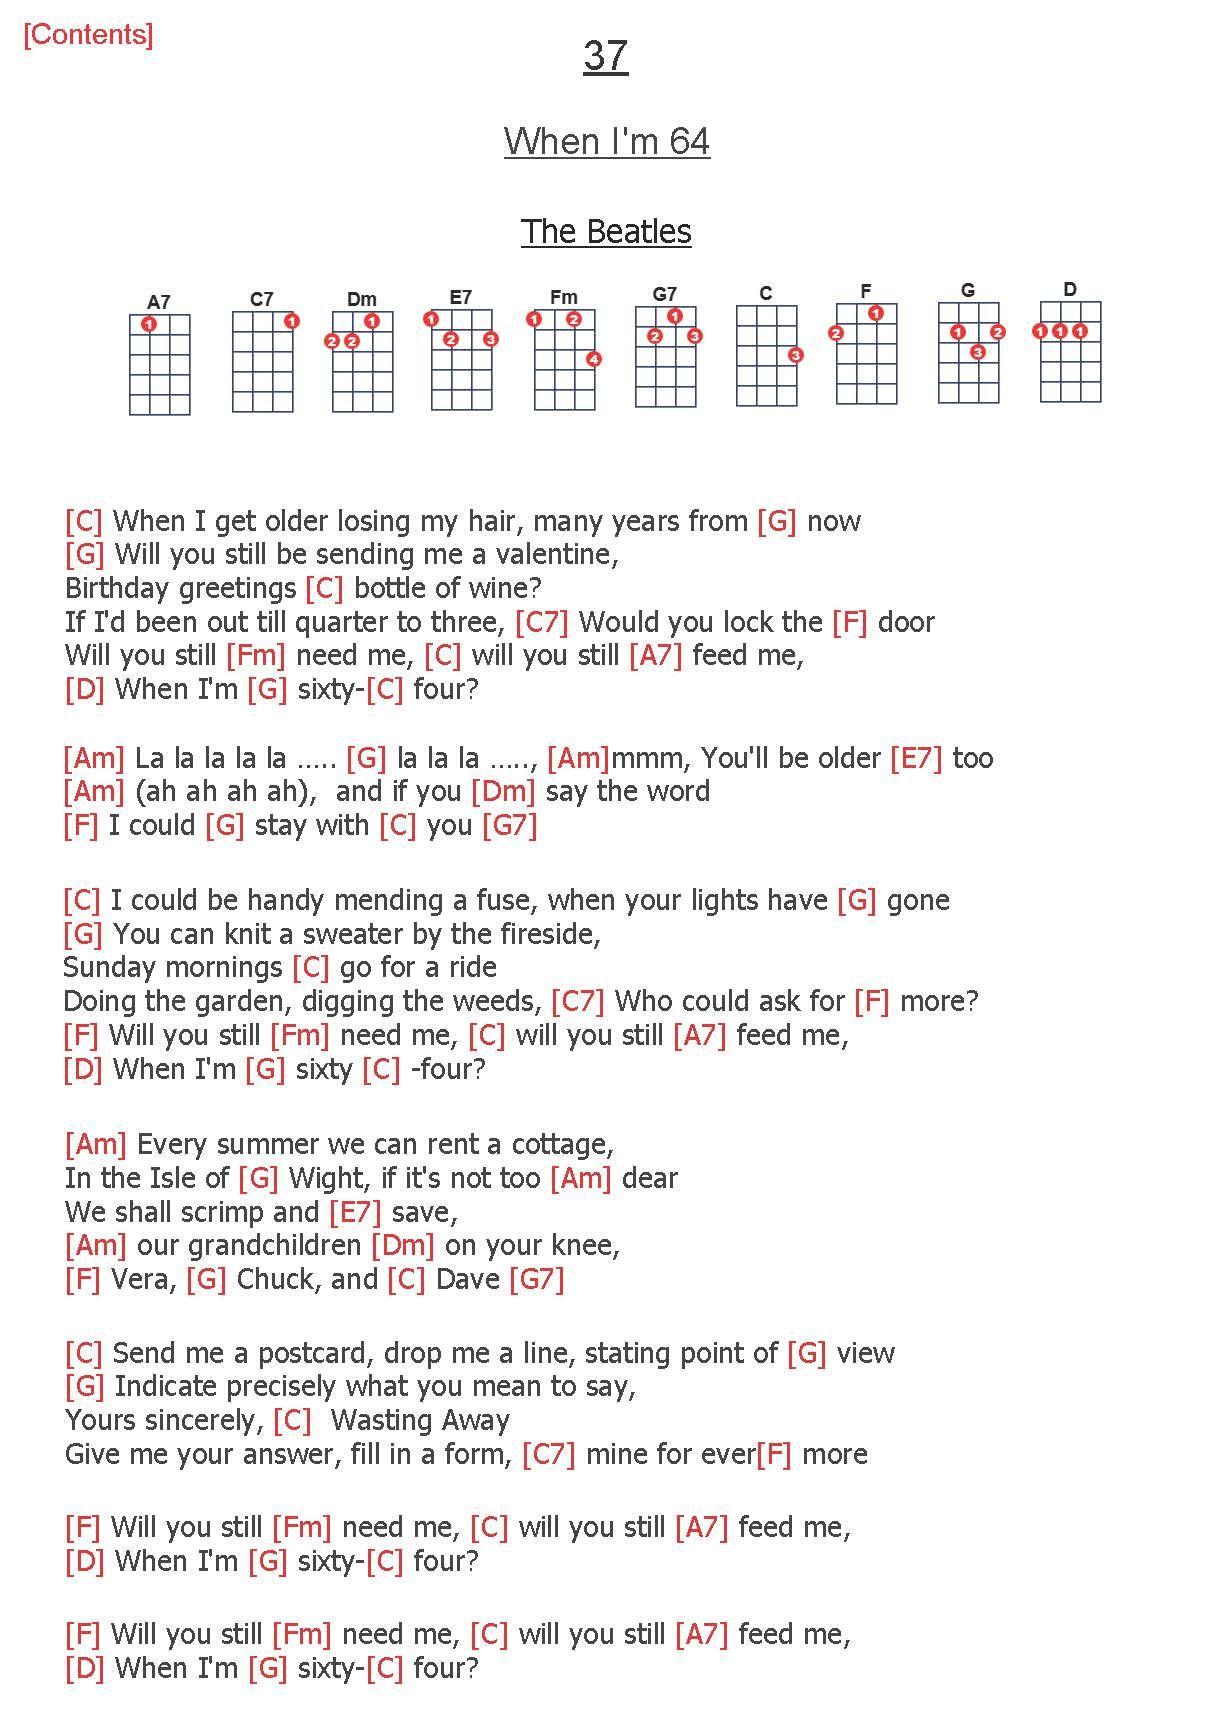 37 When I M 64 The Beatles Beatles Ukulele Ukelele Chords Songs Ukulele Chords Songs